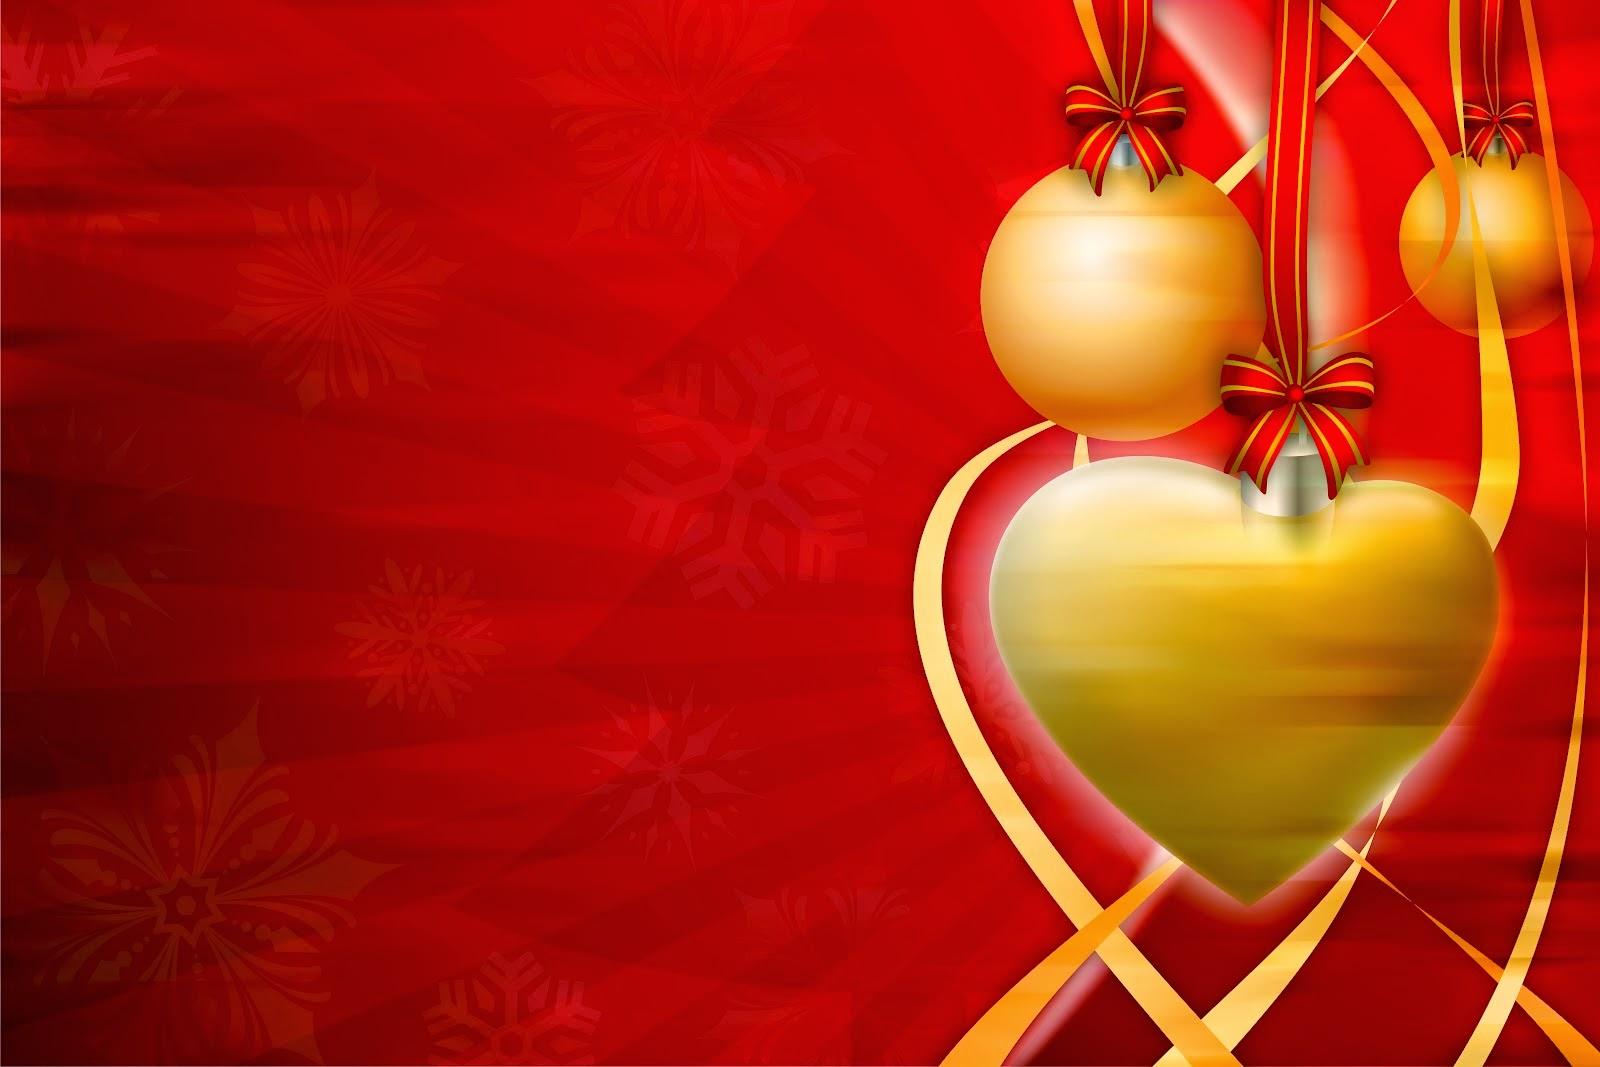 Fondos De Pantalla De Navidad: ® Colección De Gifs ®: FONDOS DE PANTALLA DE NAVIDAD